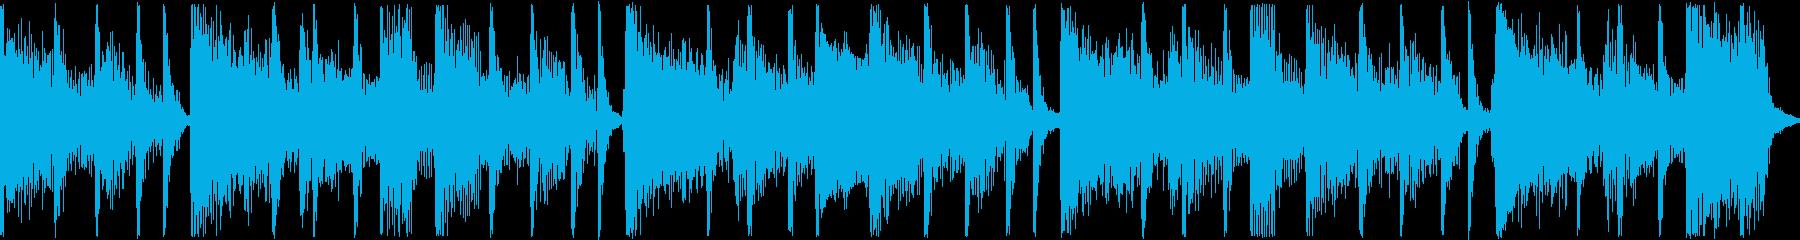 法人 ライフスタイルの再生済みの波形